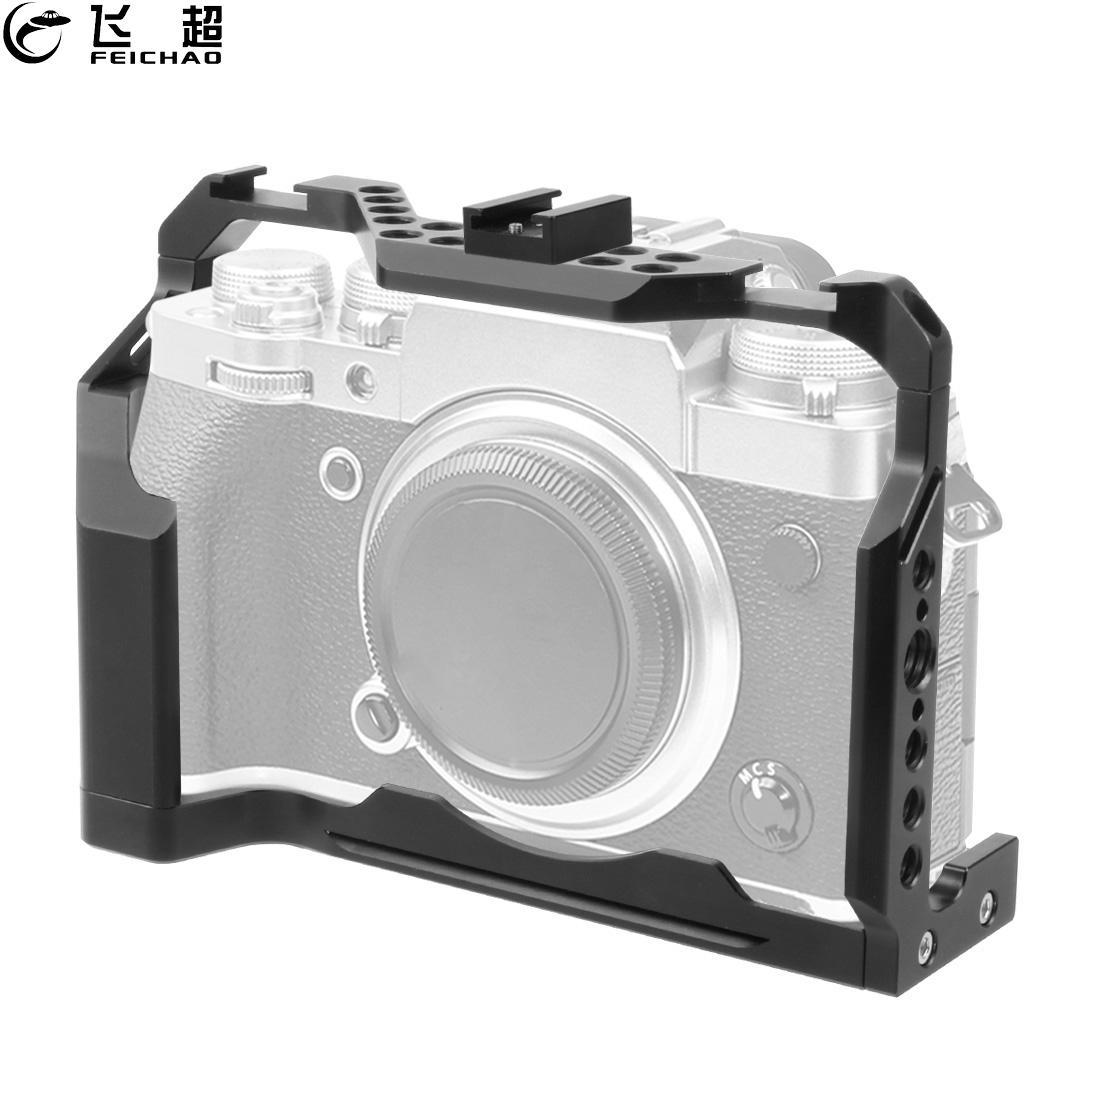 XT4 كاميرا قفص النموذج المجهزة واقية كامل قفص ل فوجي فيلم فوجي X-T4 SLR أركا السويسرية الباردة حذاء جبل تصوير الفيديو ترايبود كيت